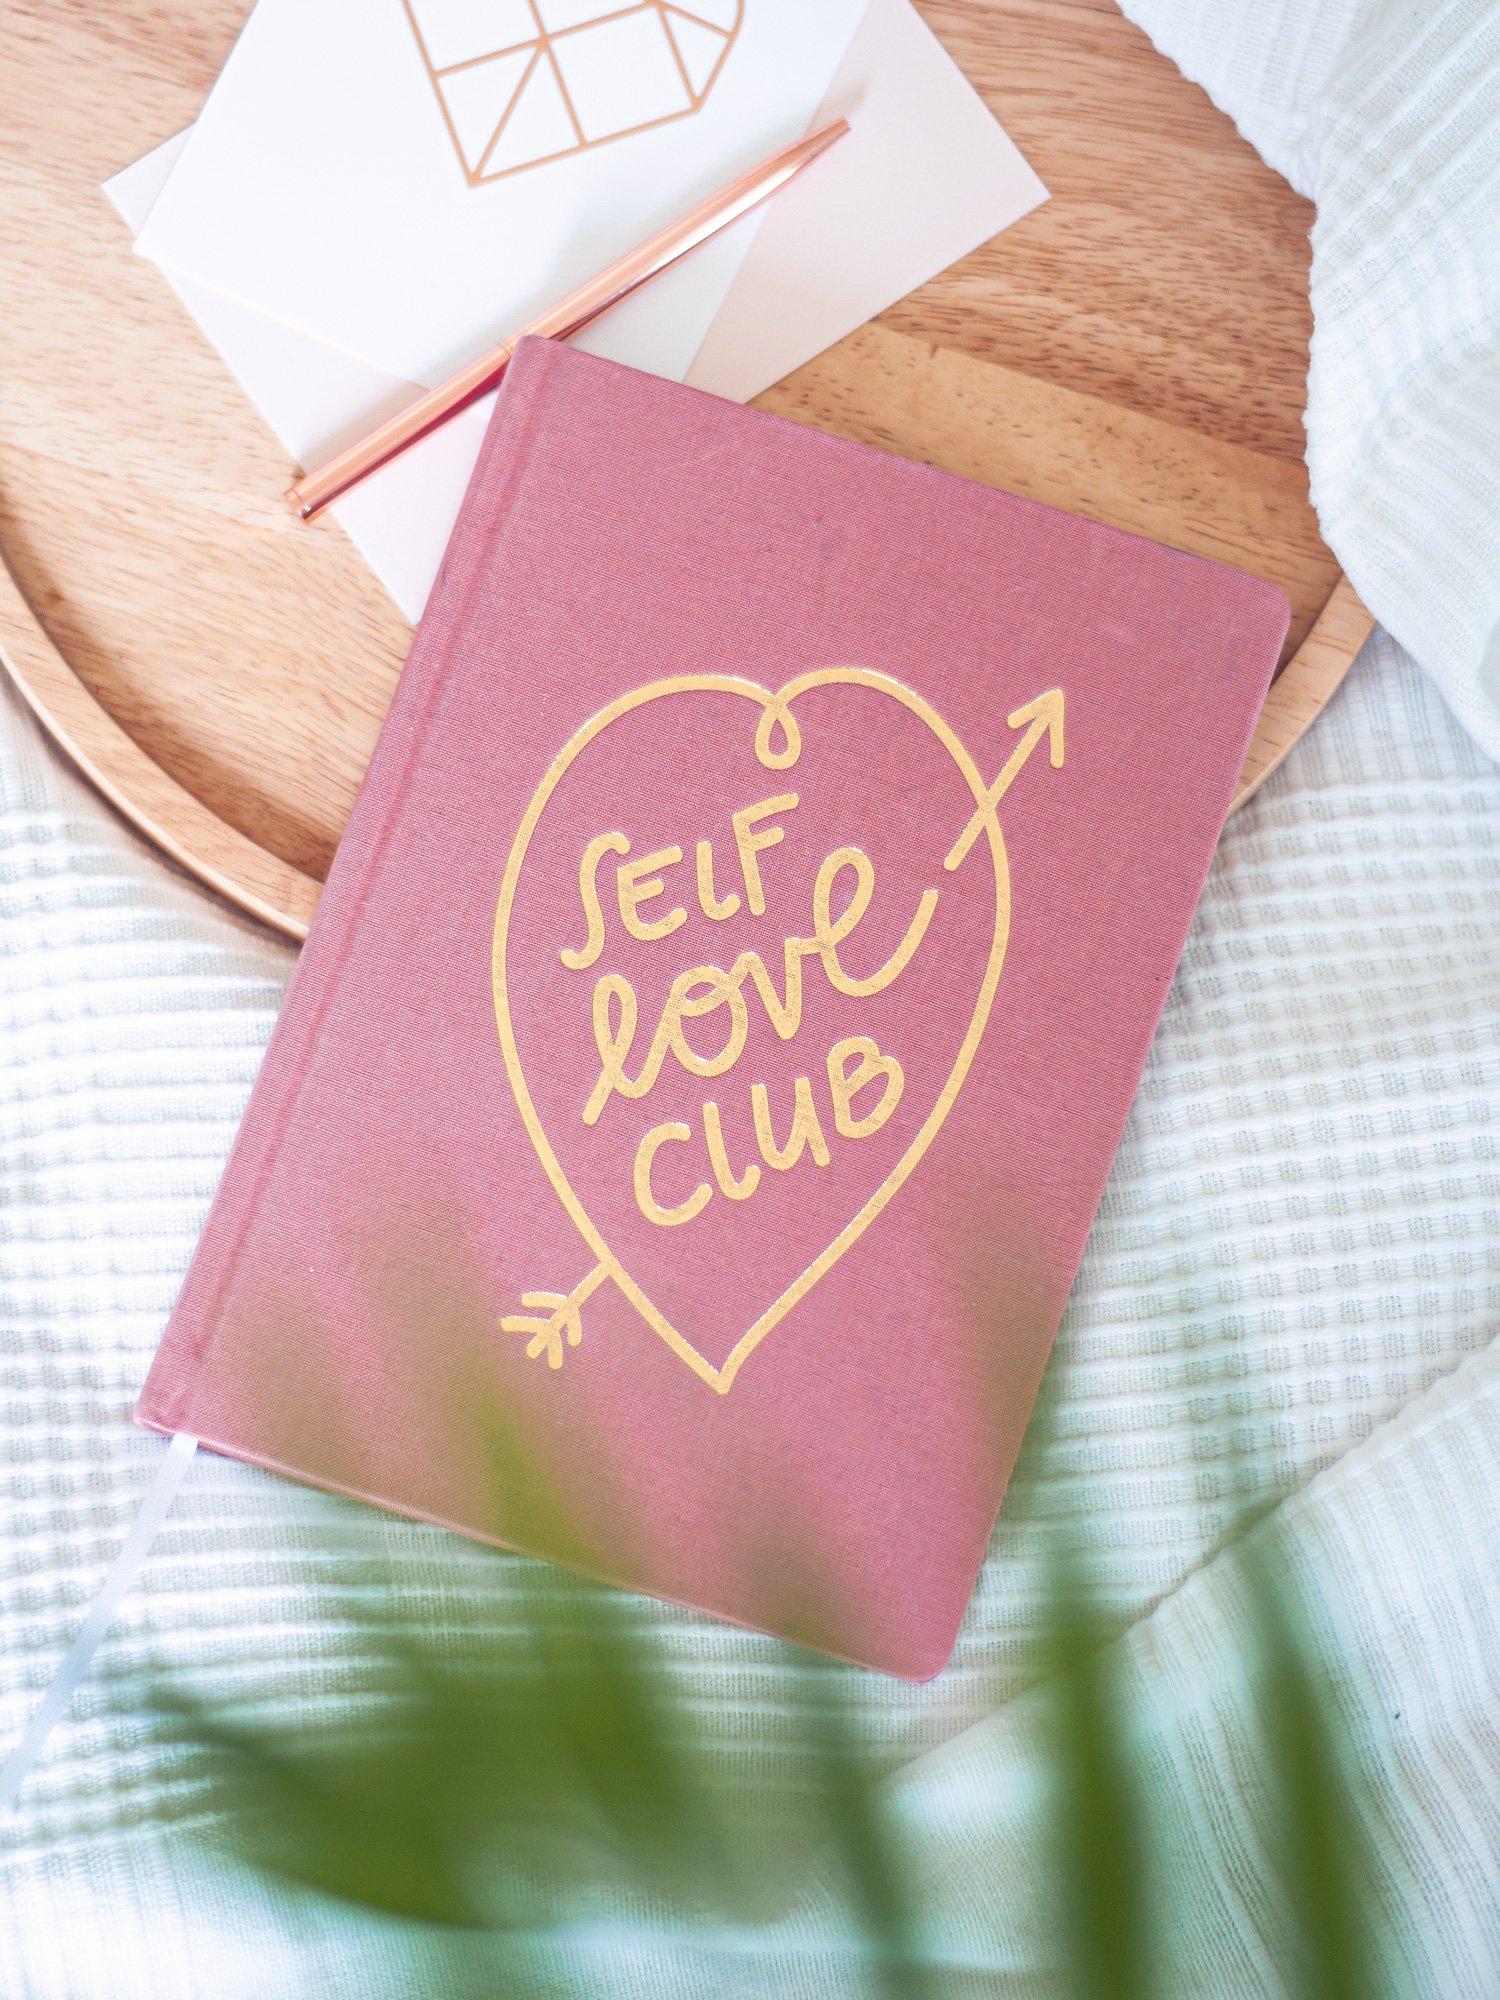 Selbstakzeptanz: Wie du dich so annimmst, wie du bist und ein paar gute Übungen, mit denen du sofort beginnen kannst. #stillundstark #vanillamind